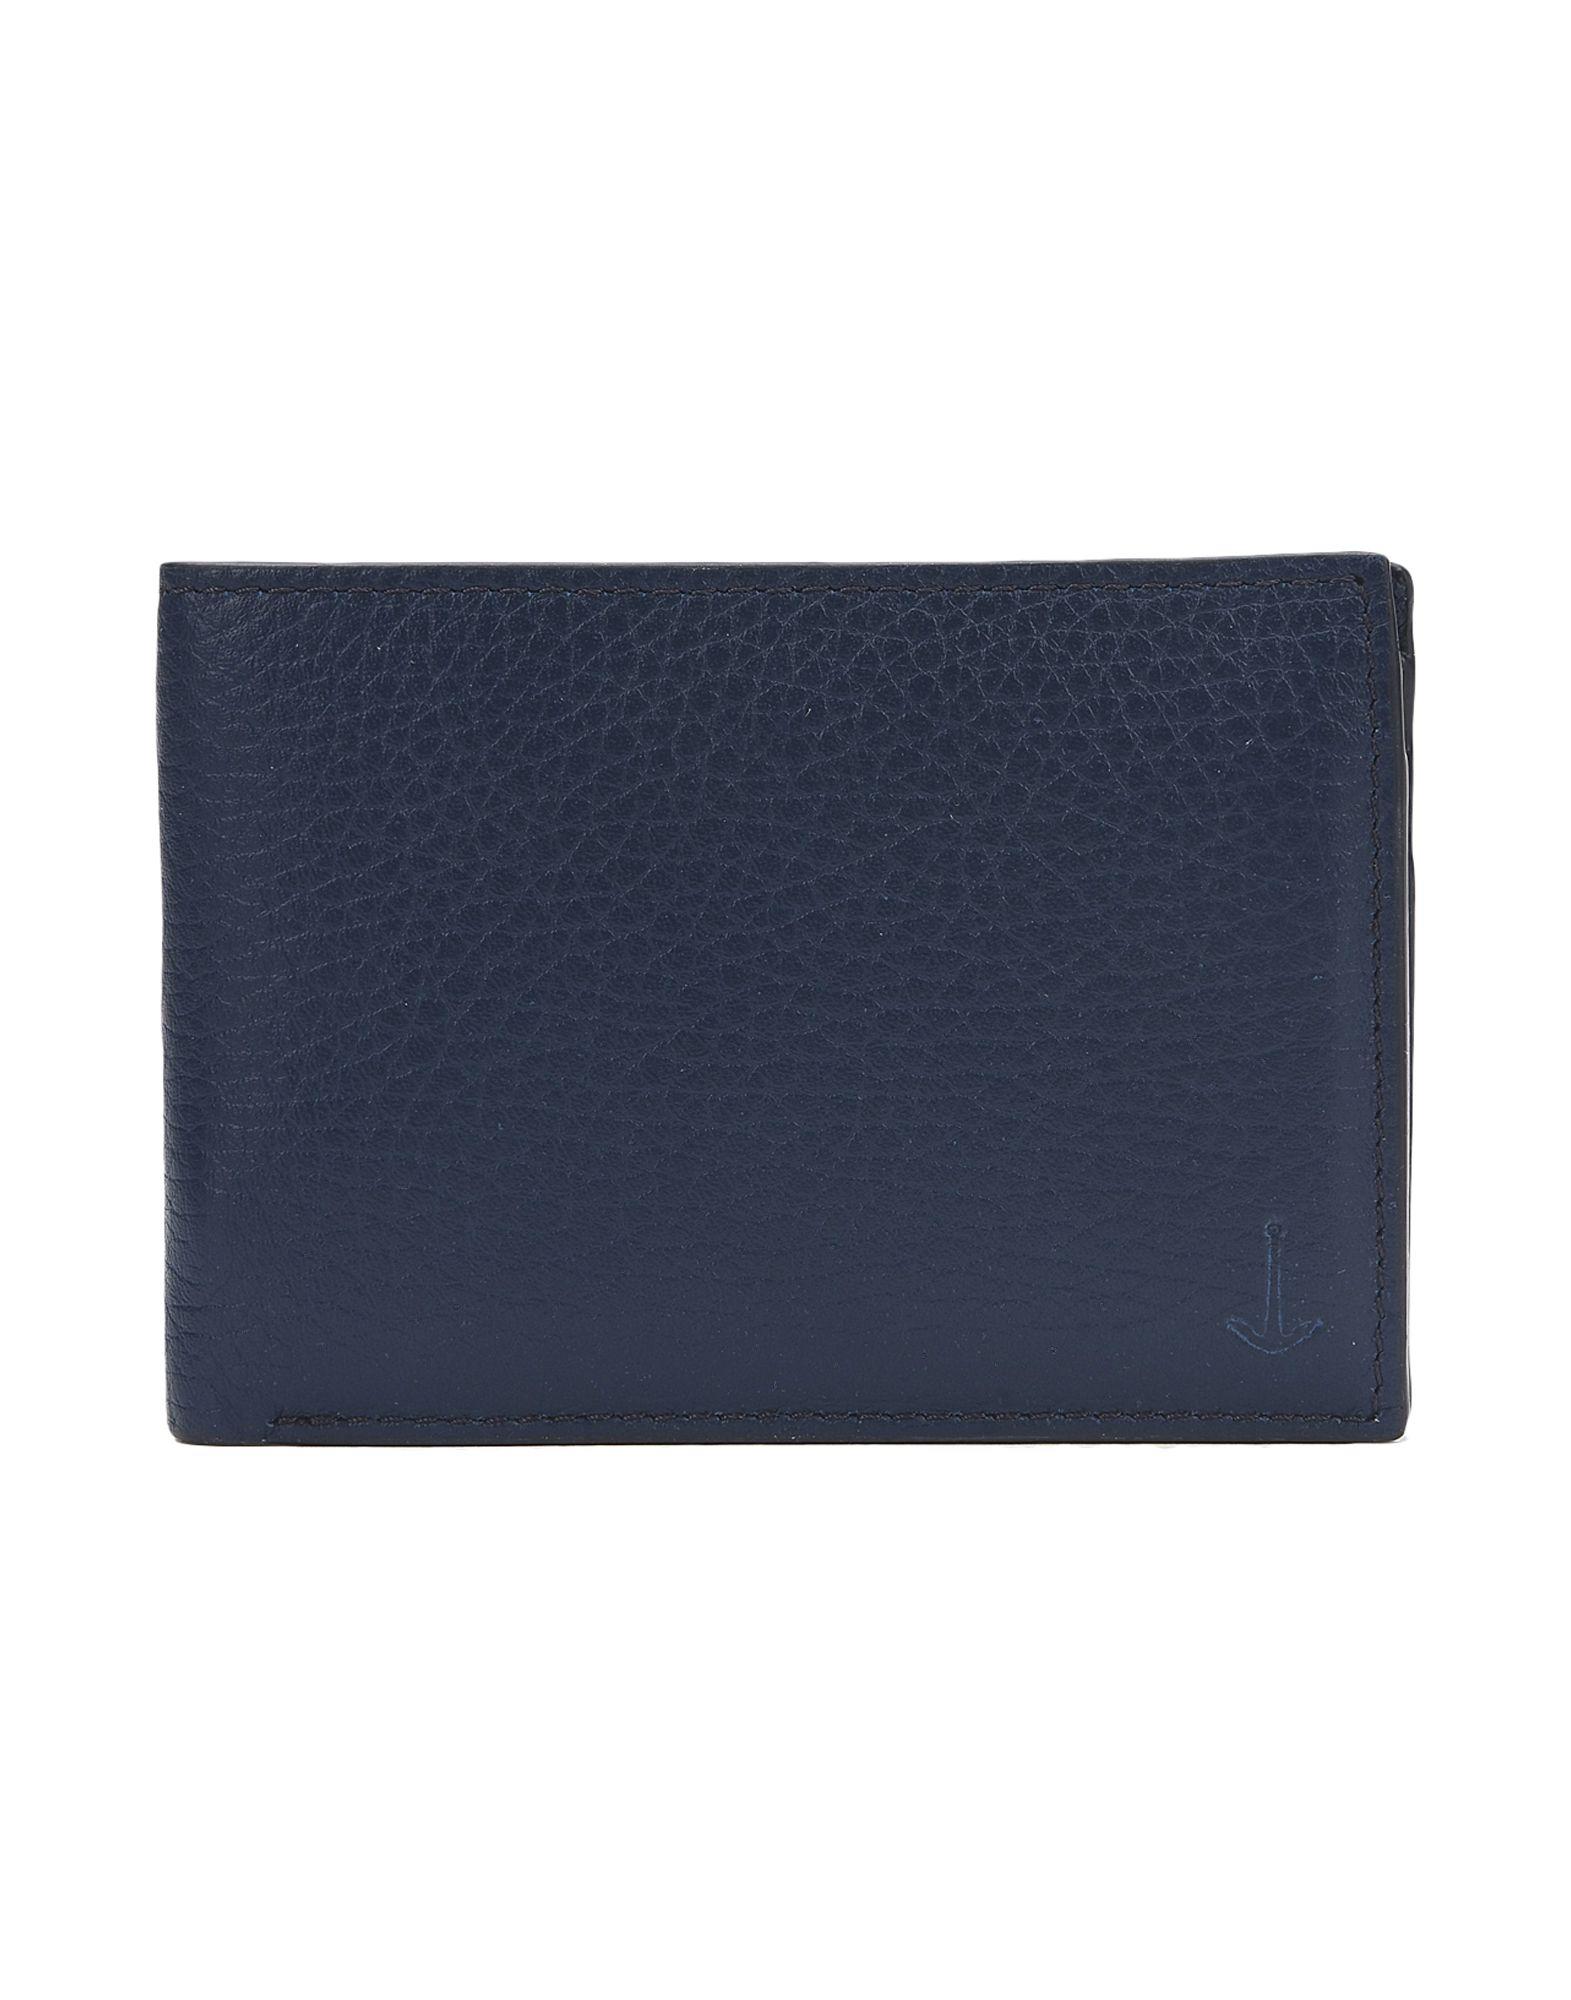 Portafoglio Miansai Modern Billfold Textured - Uomo - Acquista online su